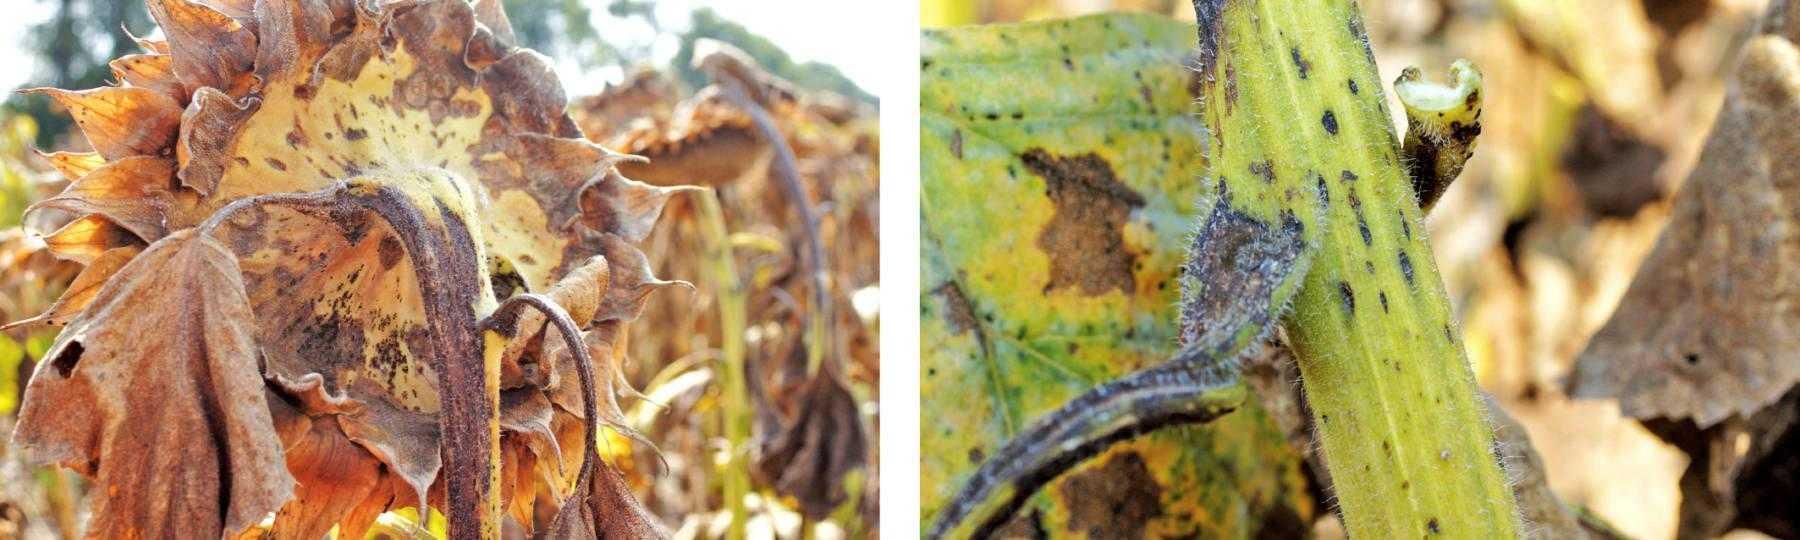 Рис. 7. Альтернариоз на корзинке и стеблях подсолнечника, листья уже погибли, снижение урожайности на этом поле очень существенное